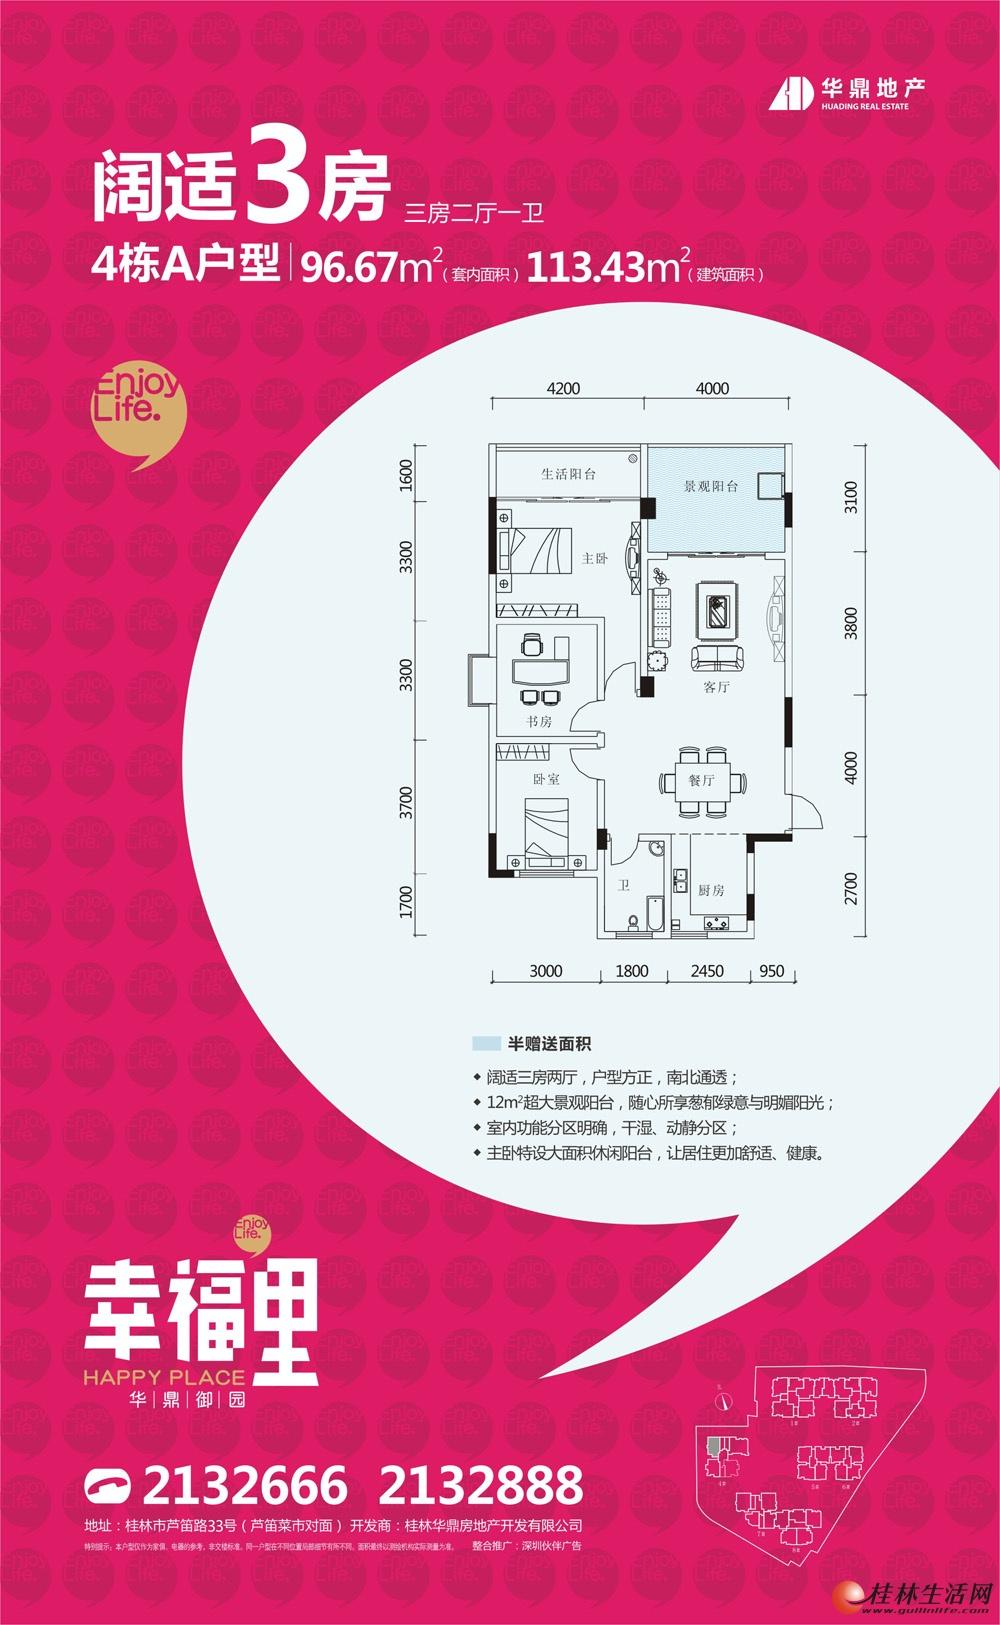 4栋A户型 三房两厅一卫 113.43㎡